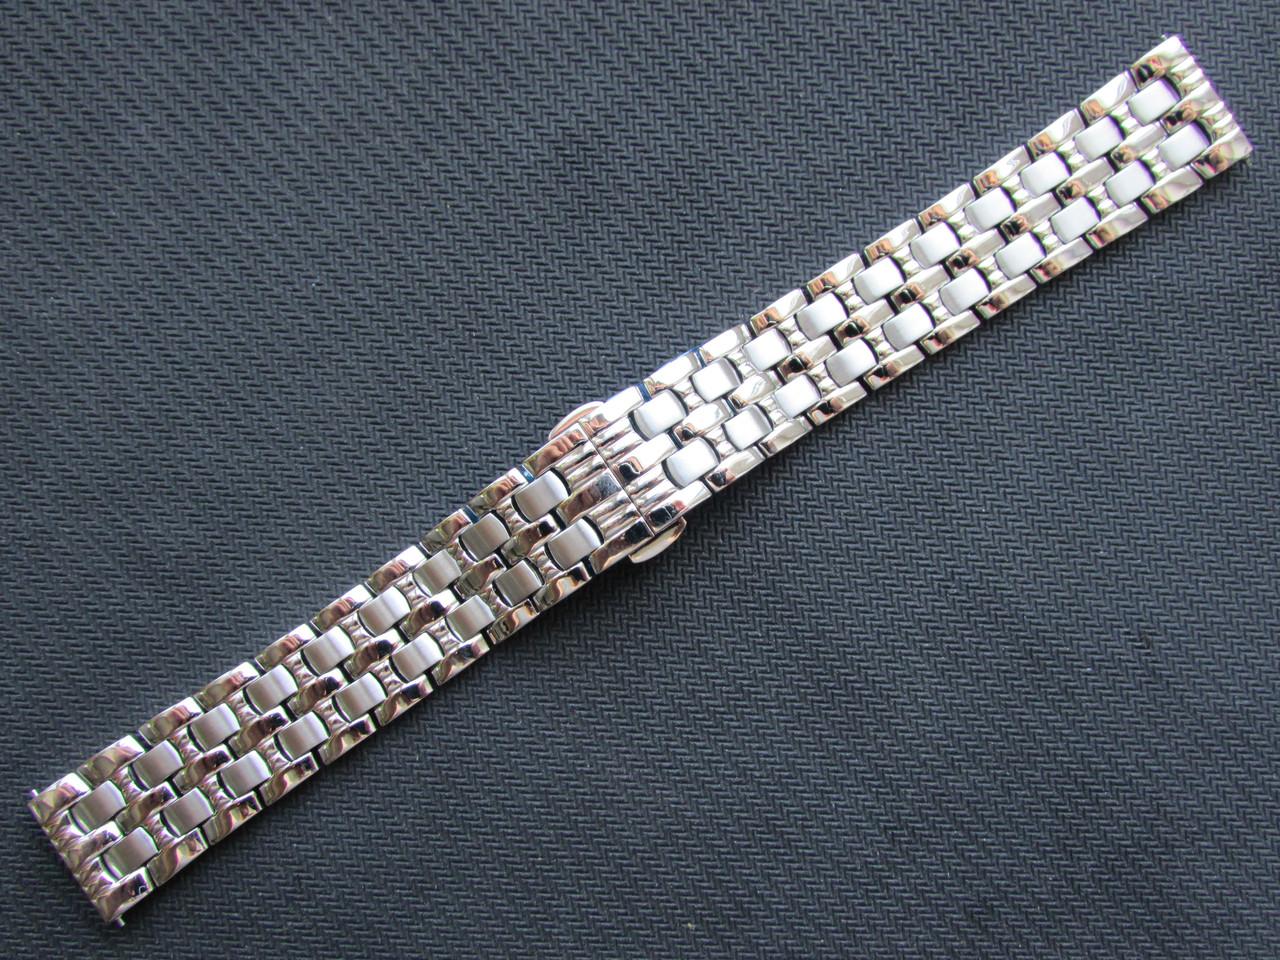 Браслет для часов из нержавеющей стали, литой, полированный. 20-й размер